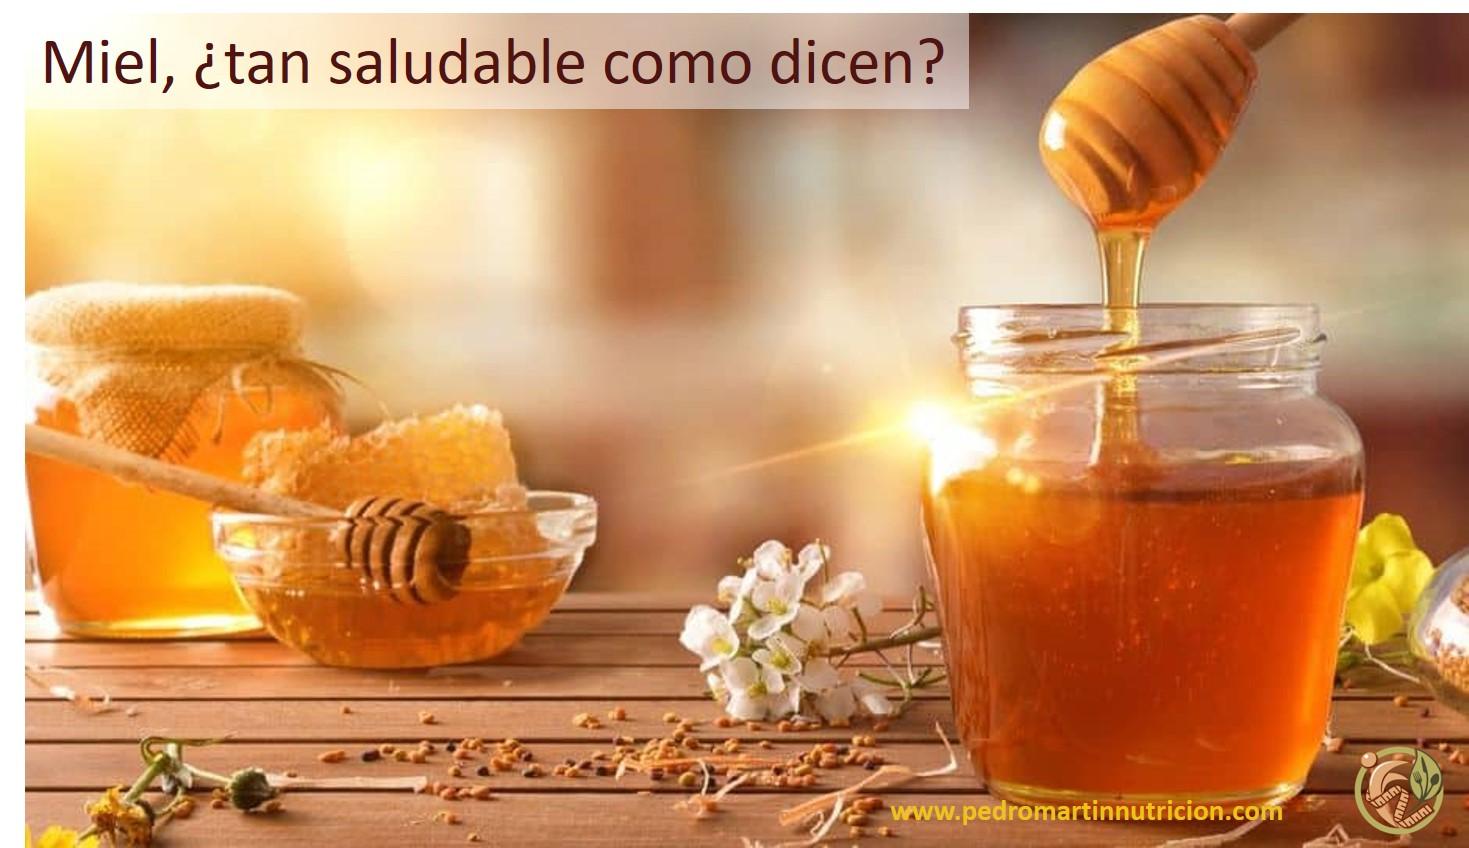 La miel, ¿tan saludable como dicen?